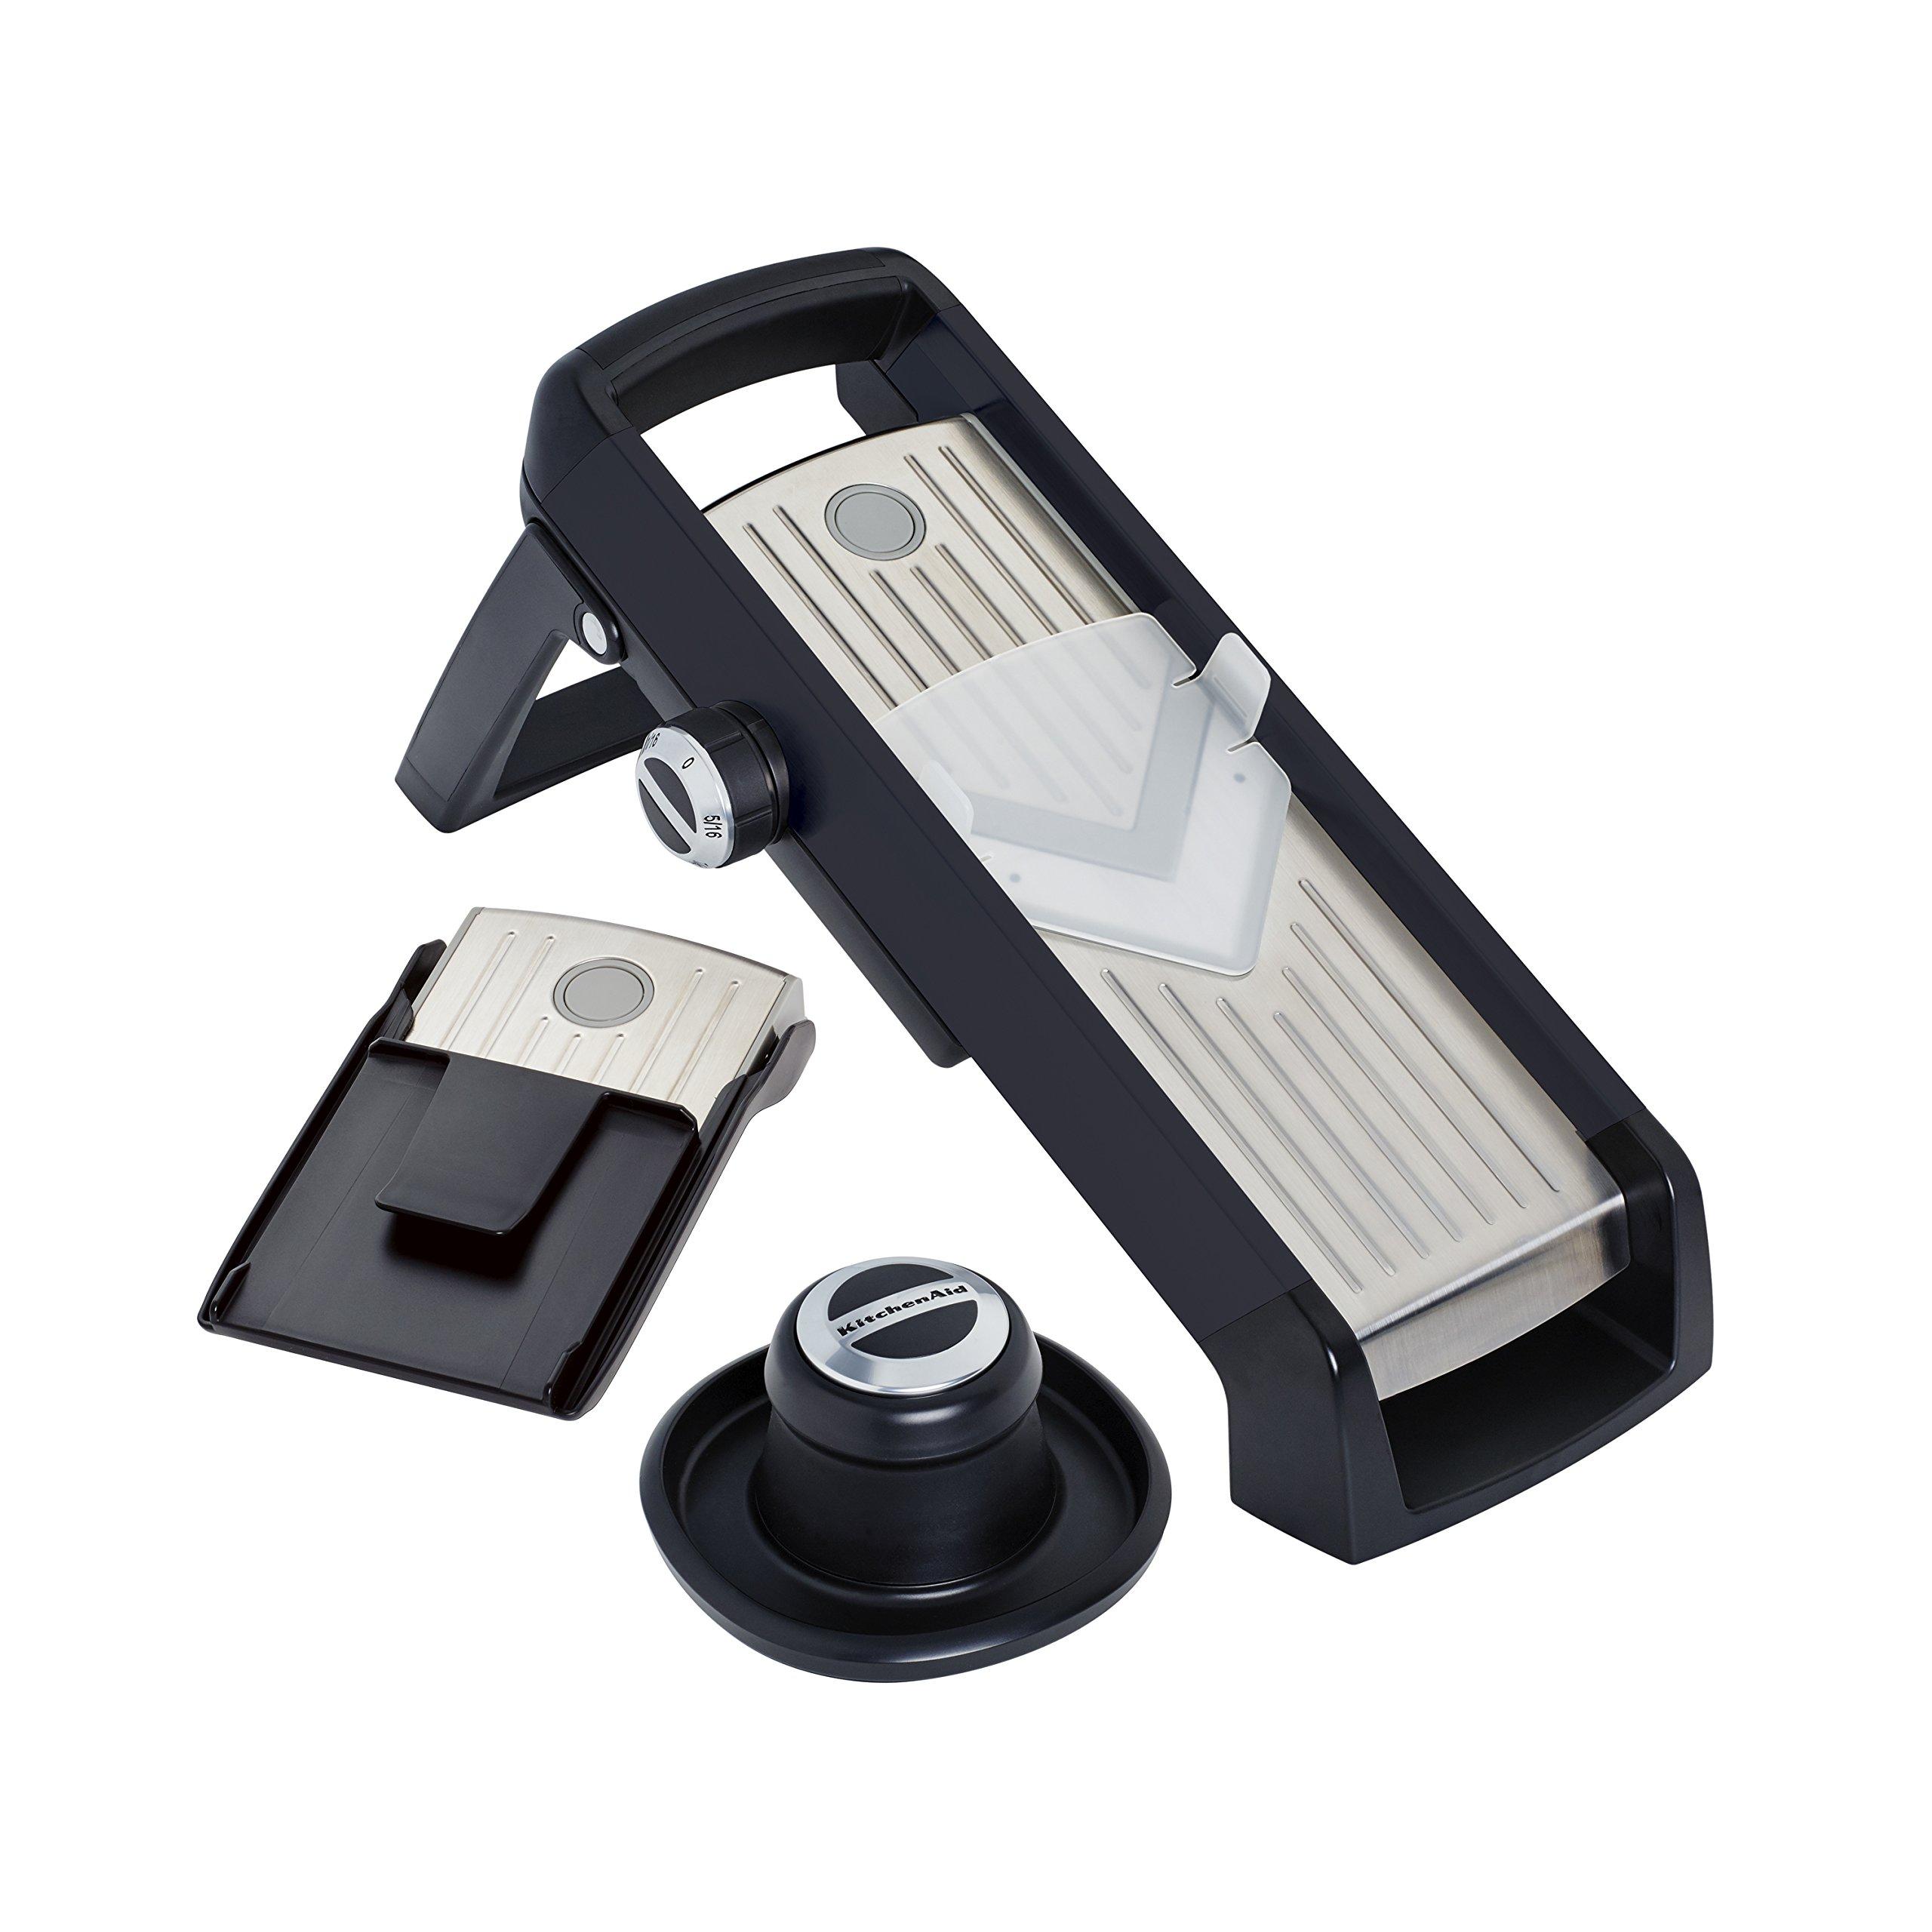 Kitchenaid KN310BXOBA Mandoline Slicer, Black, One Size by KitchenAid